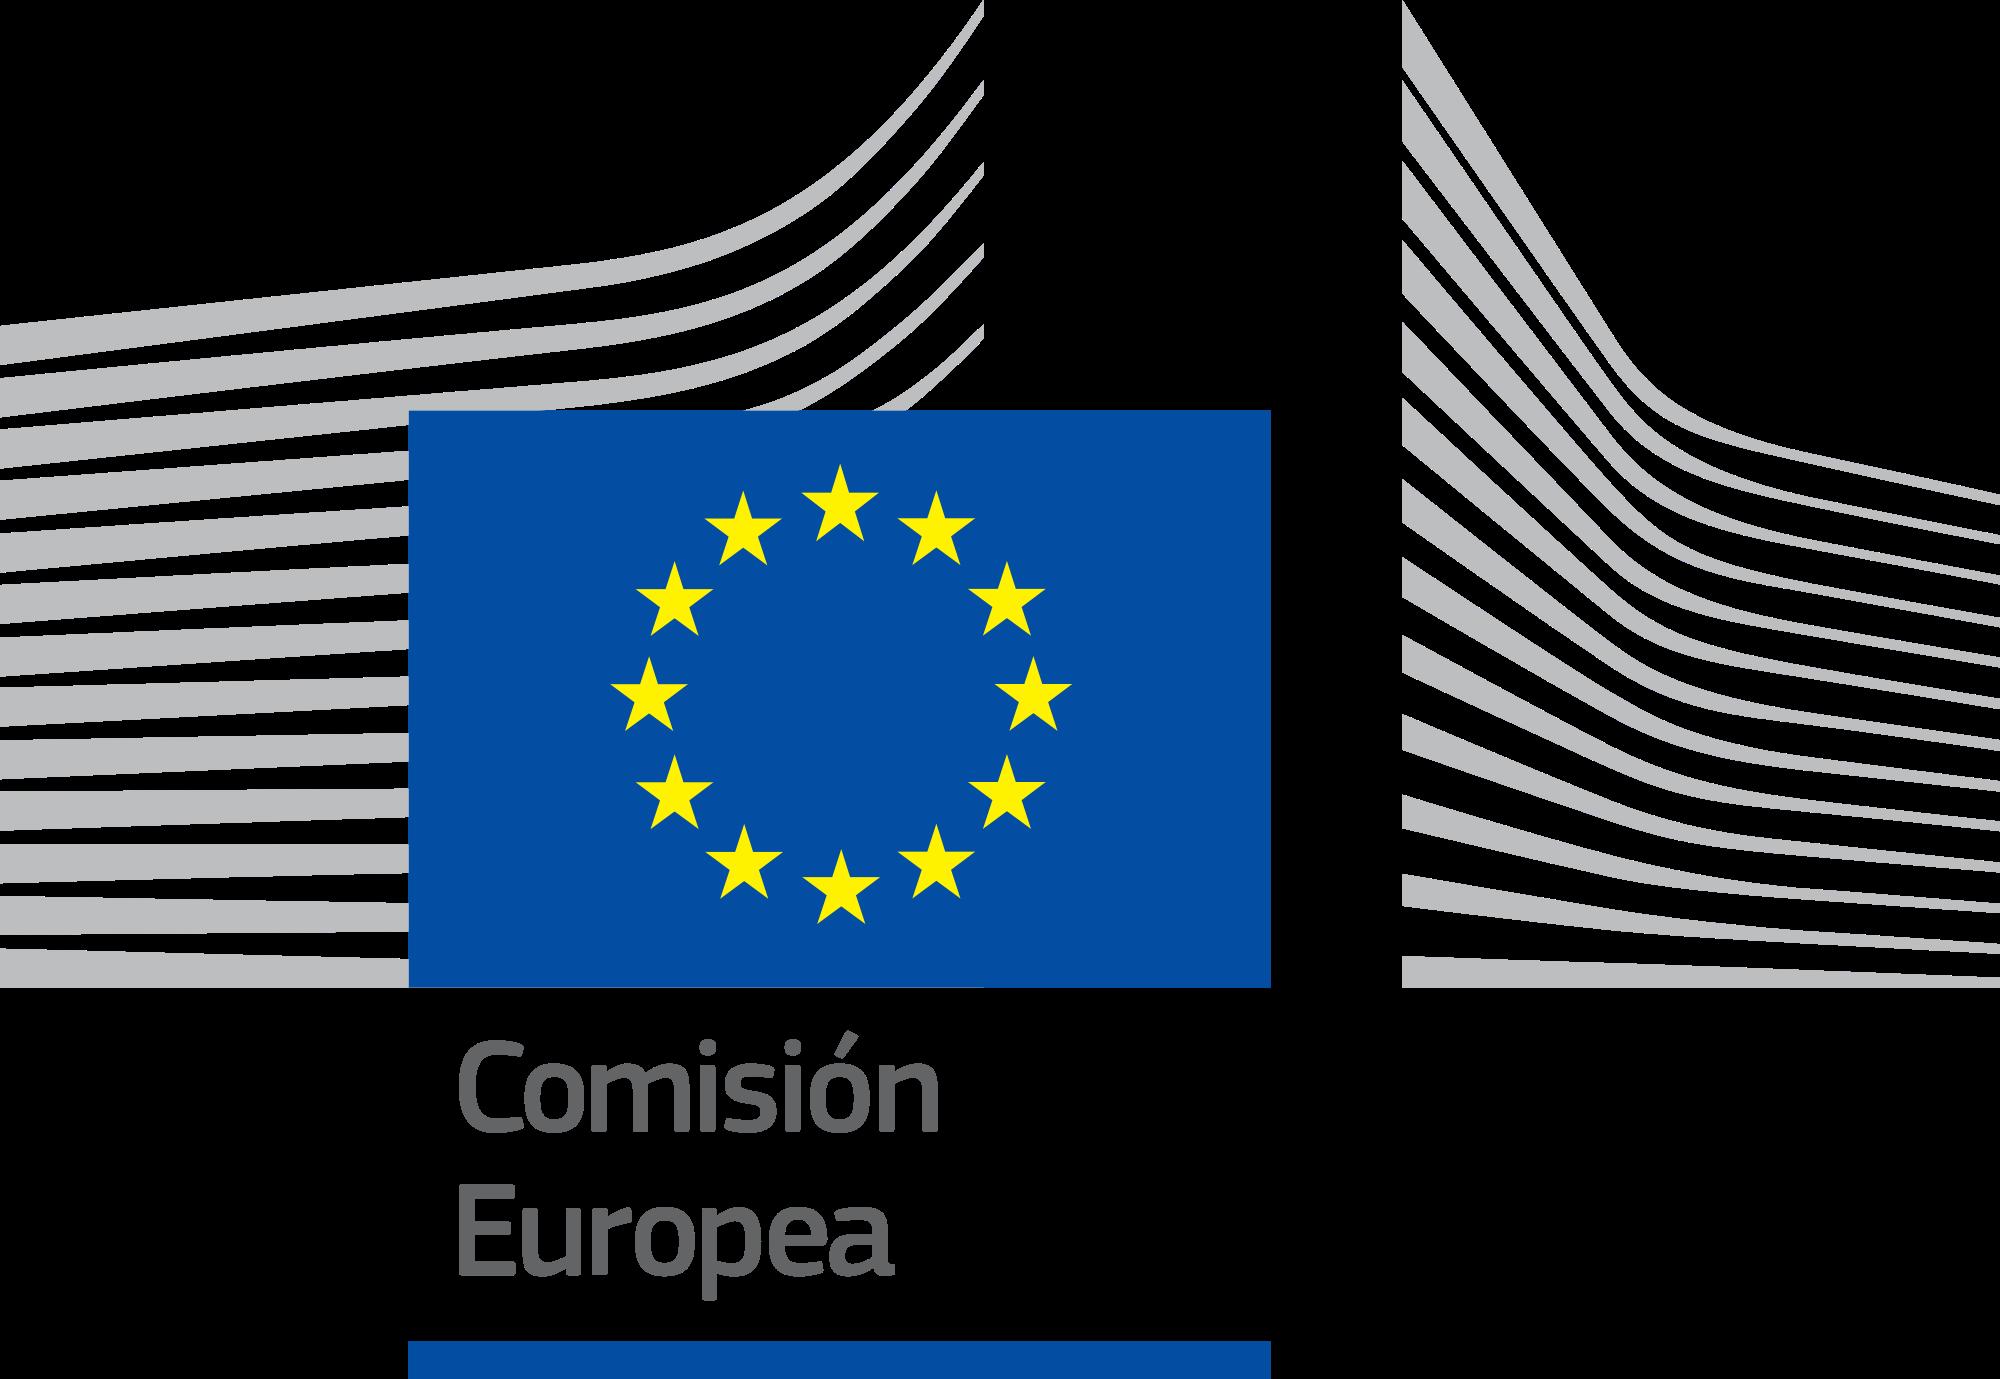 Practicas remuneradas comision europea